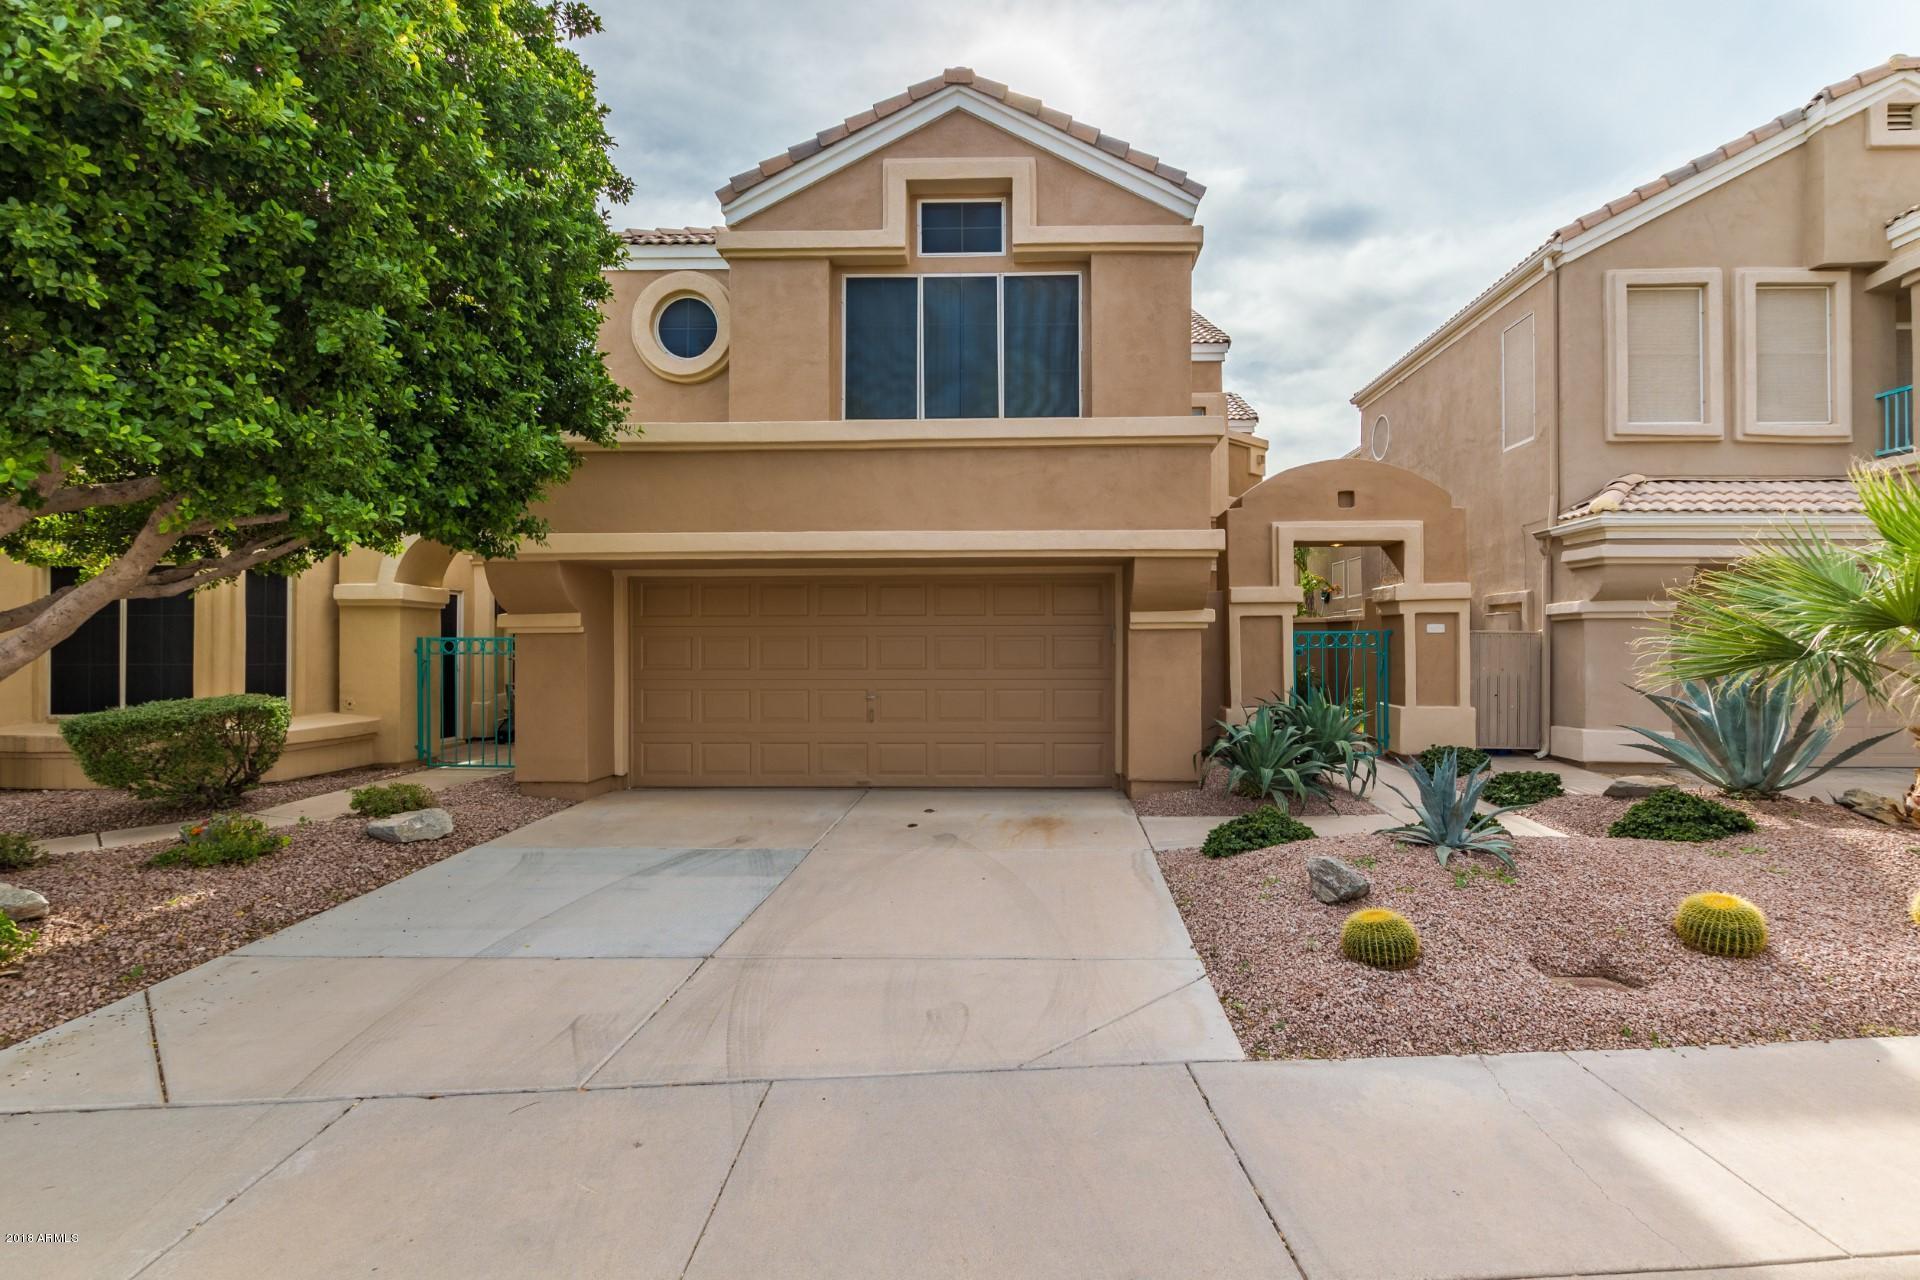 Photo of 16058 S 11TH Place, Phoenix, AZ 85048